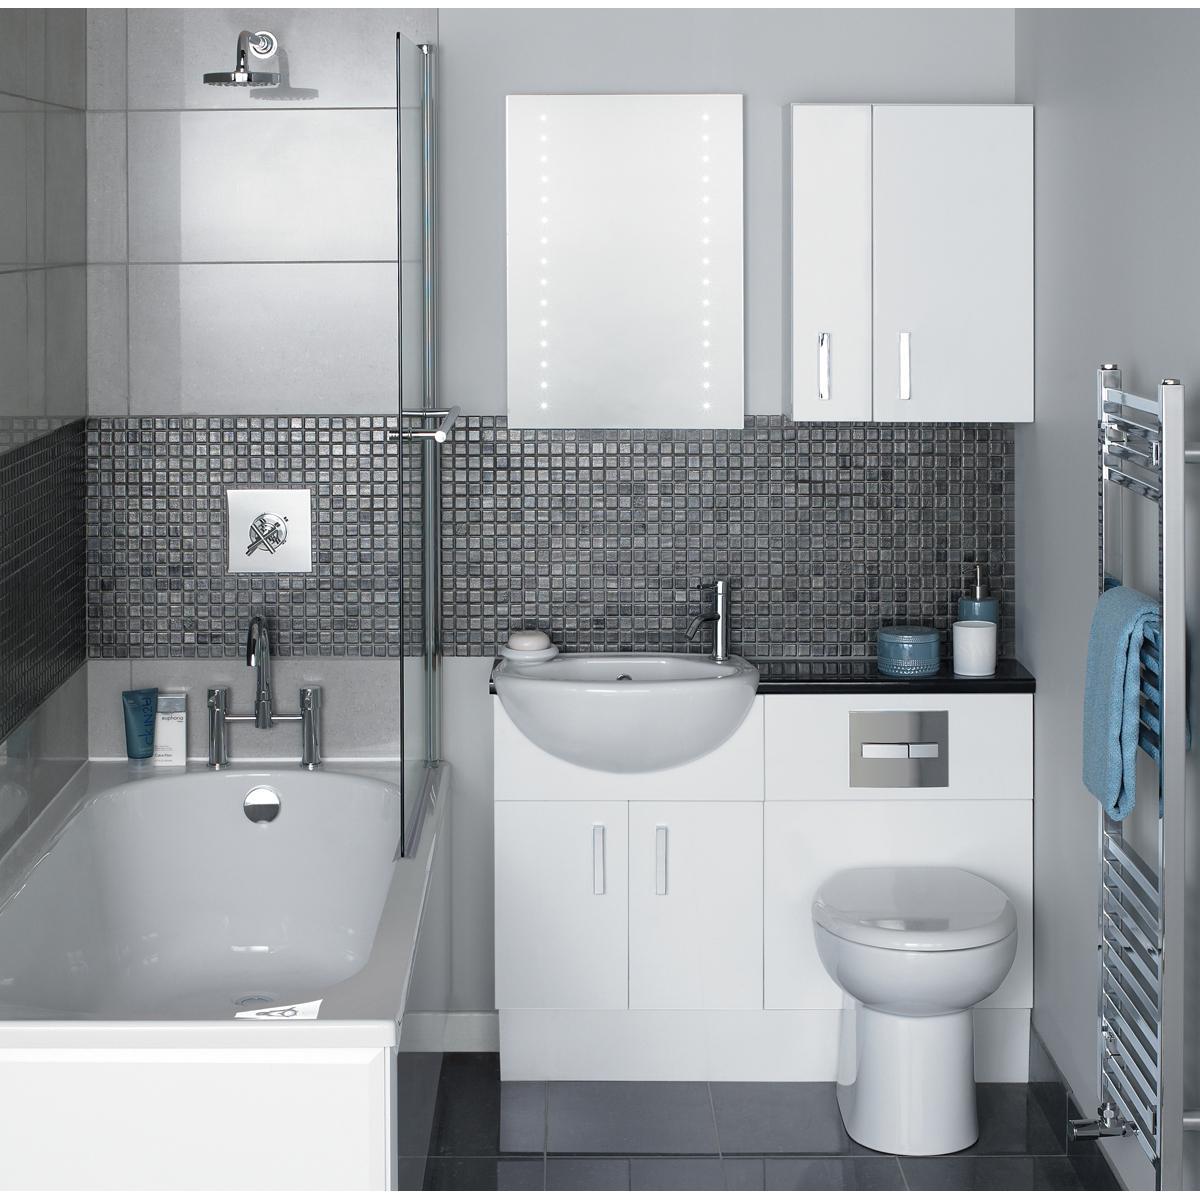 www.about-interior-design.net